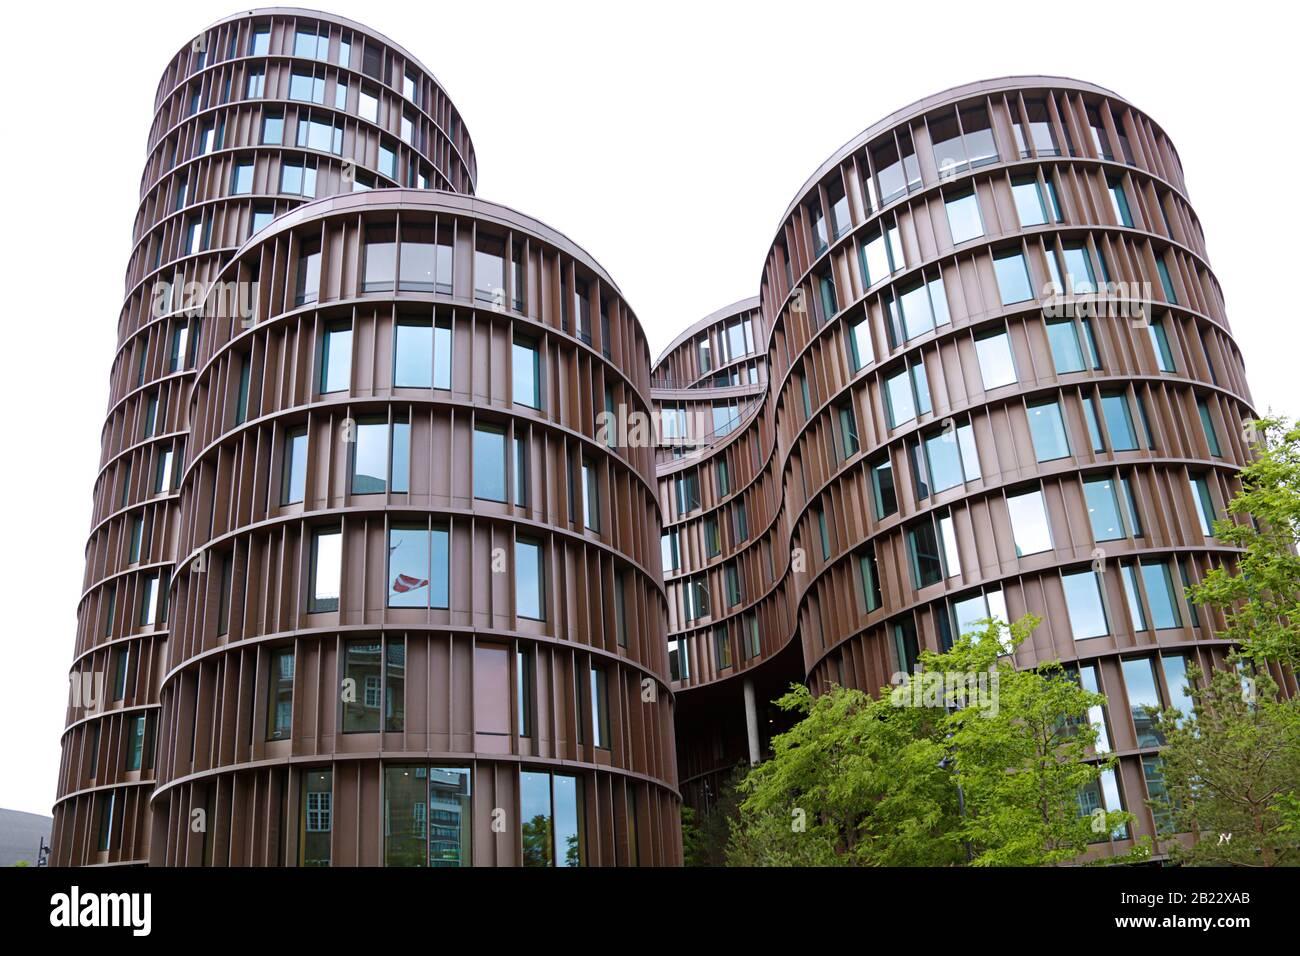 Copenhague, Dinamarca - 15 De Junio De 2019: Edificio Axel Towers Foto de stock